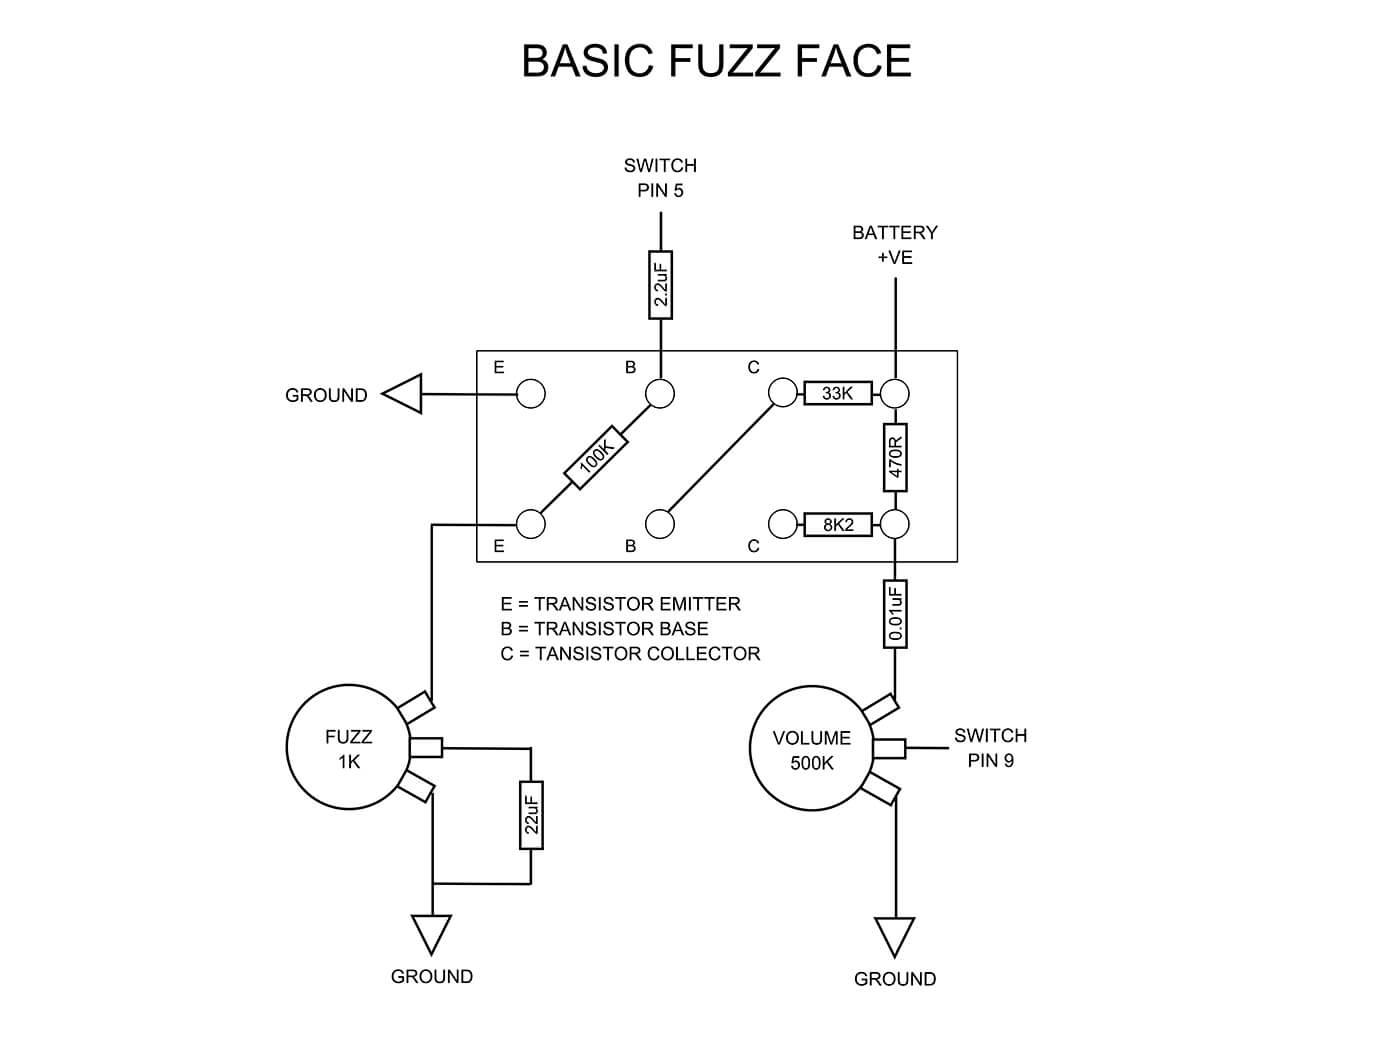 Basic Fuzz